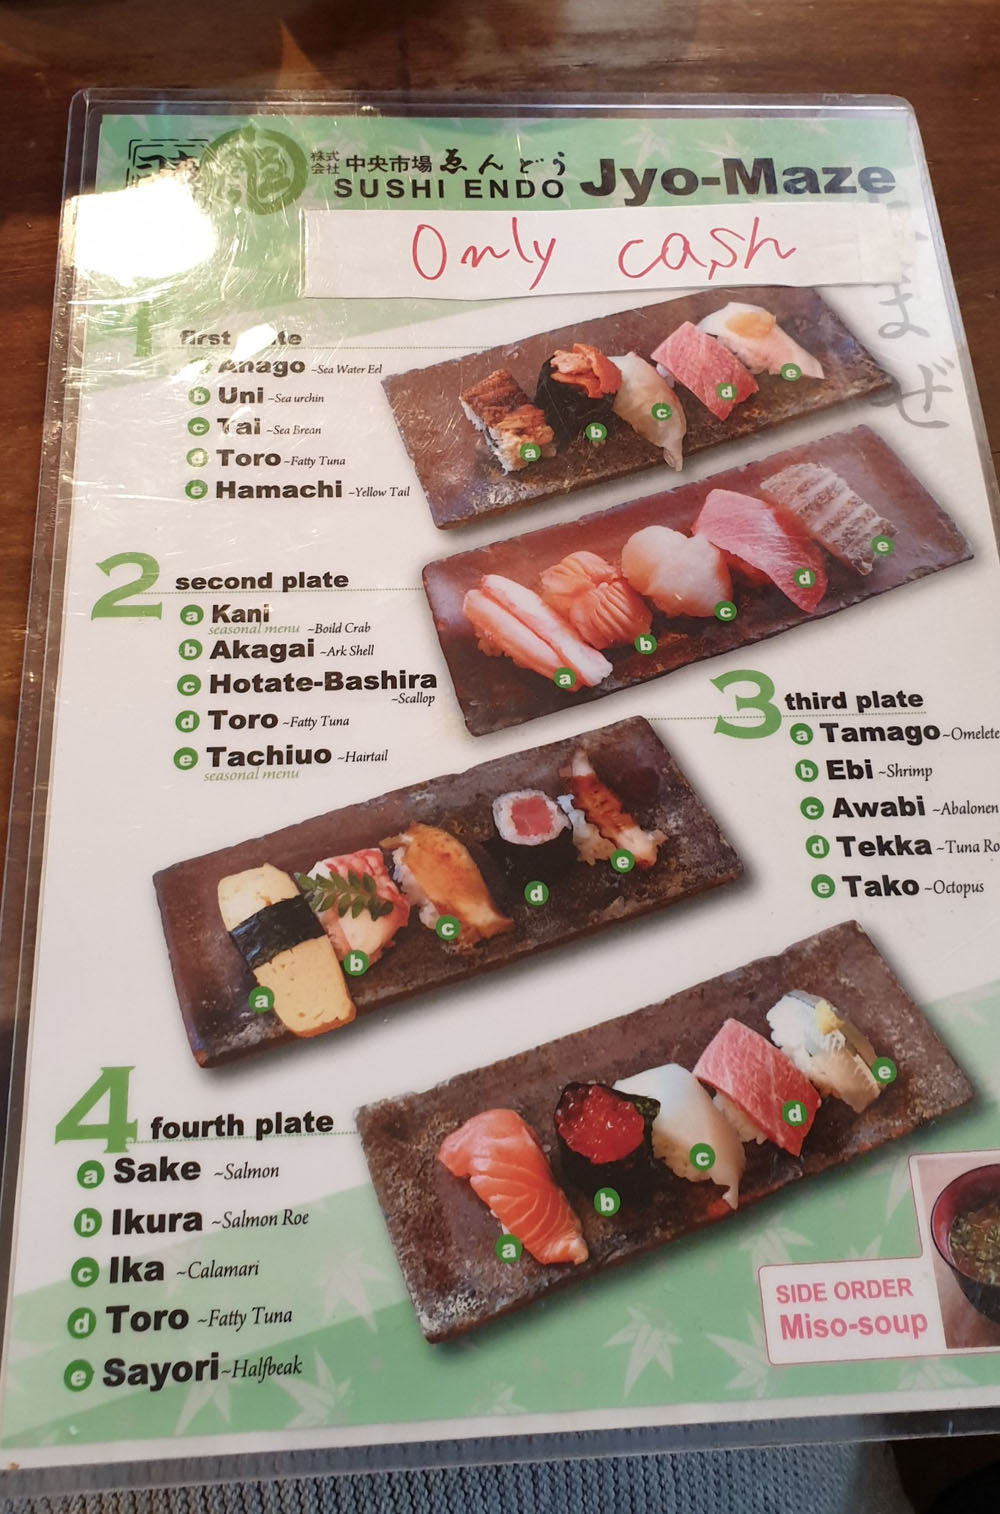 Endo sushi menu